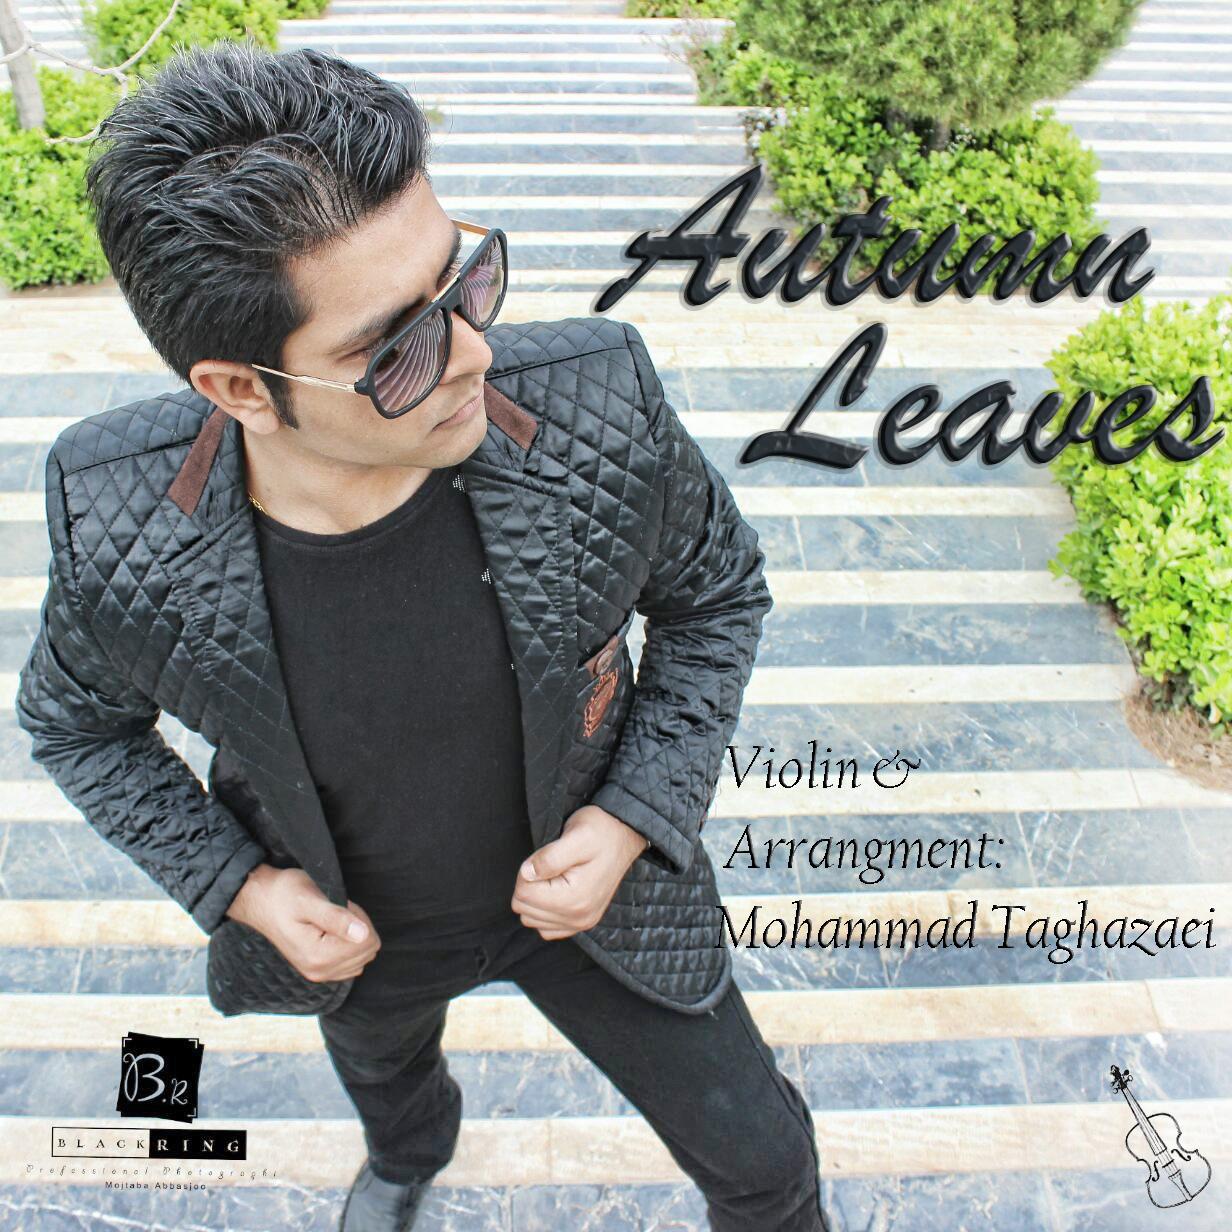 Mohammad Taghazaei - Autumn Leaves